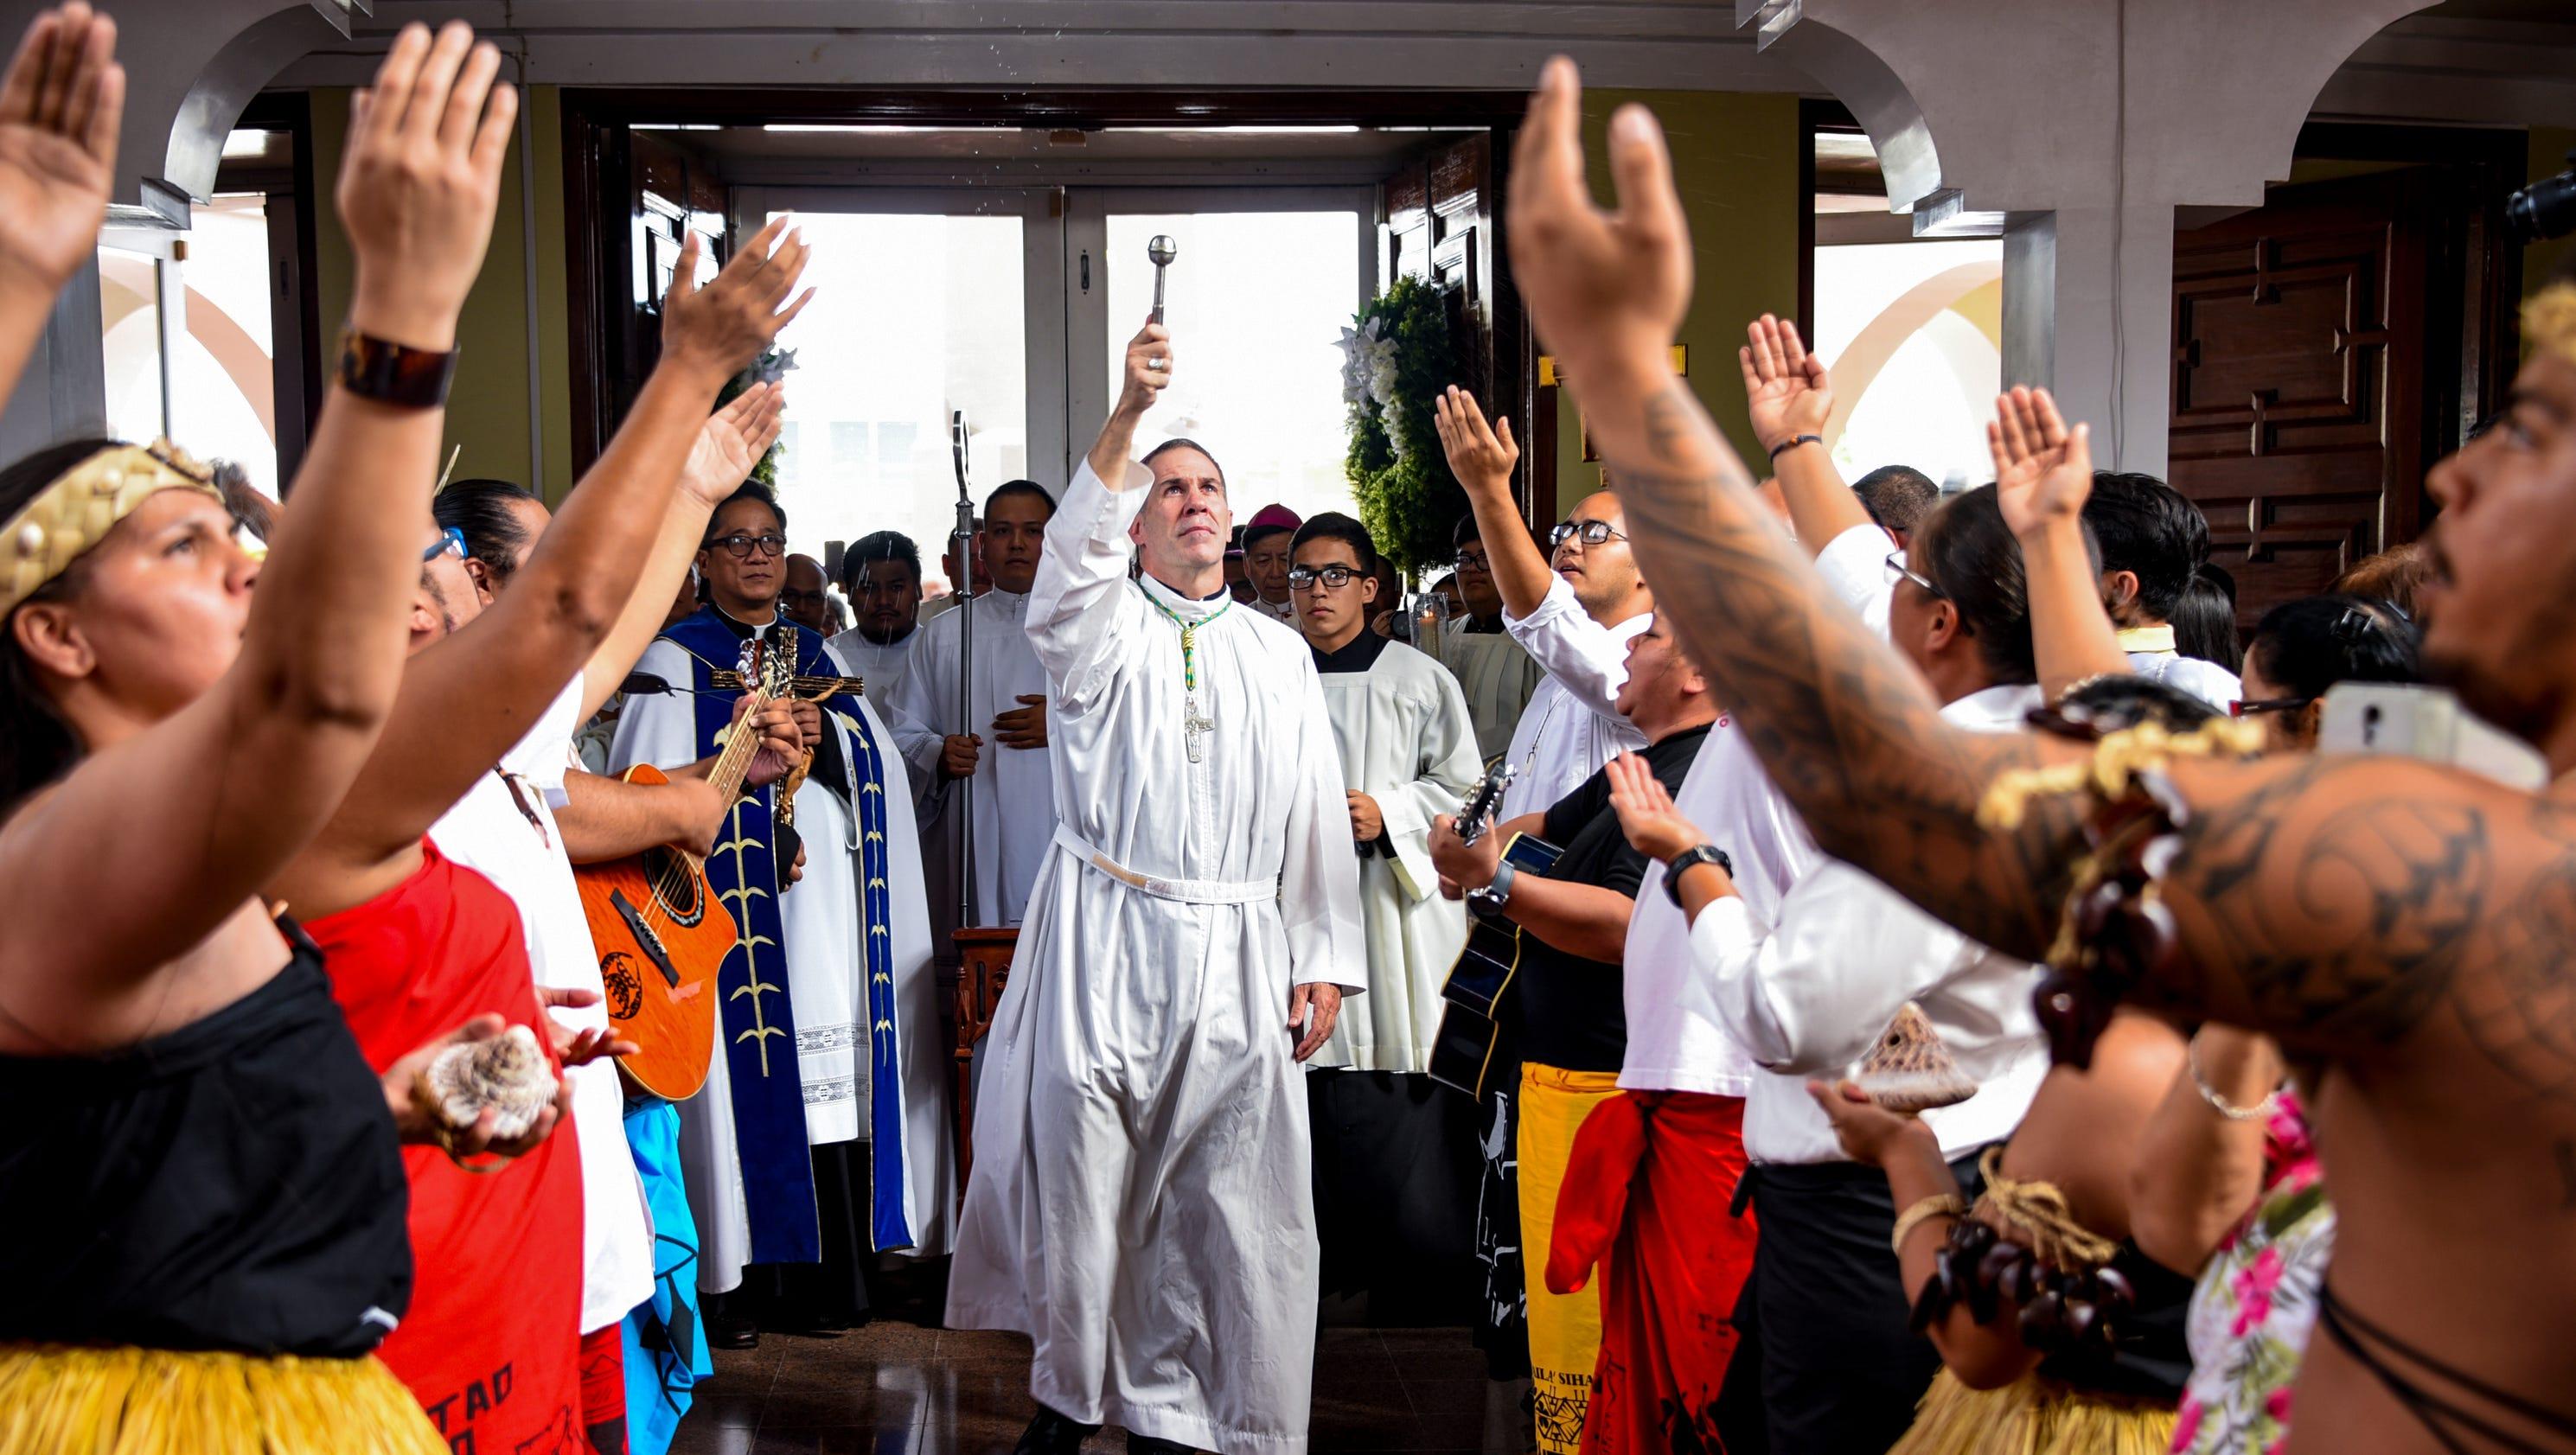 New archbishop begins Guam ministry amid Apuron's Vatican trial